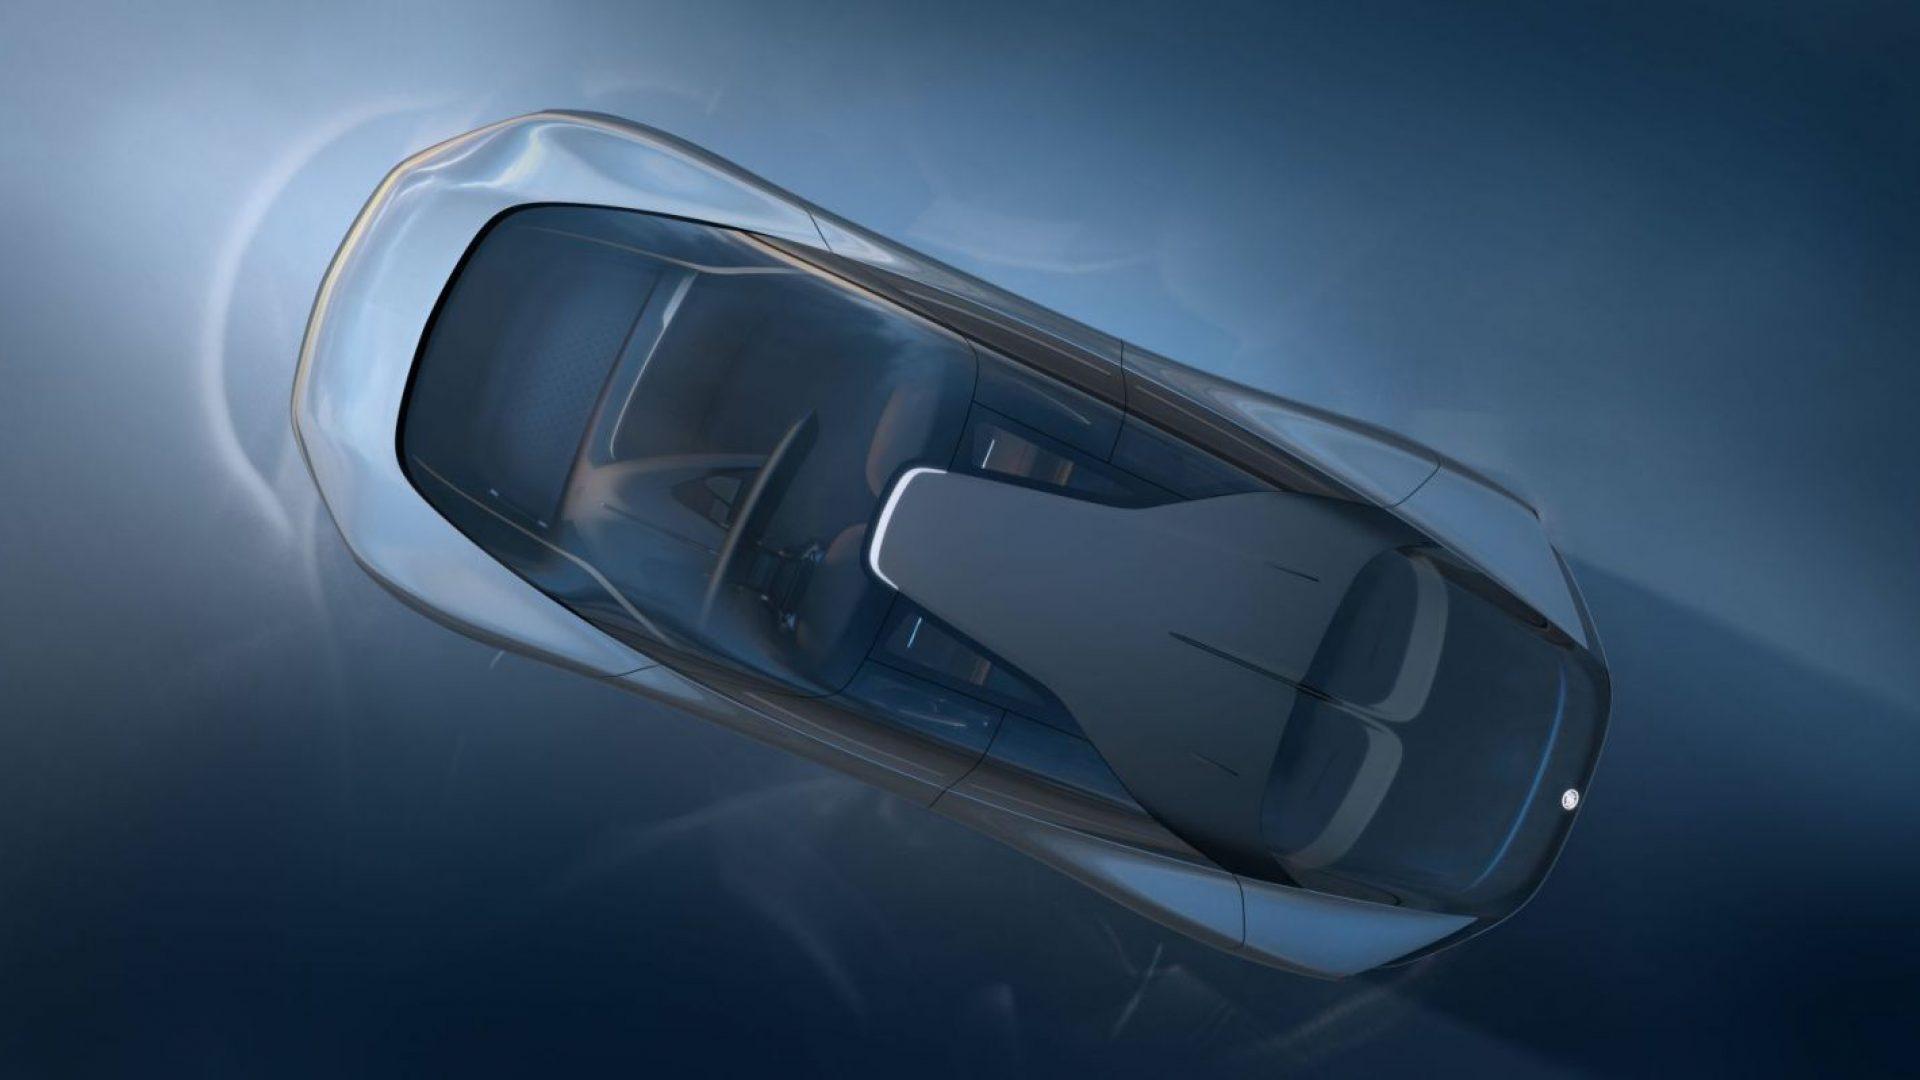 2020-Buick-Electra-Concept-09